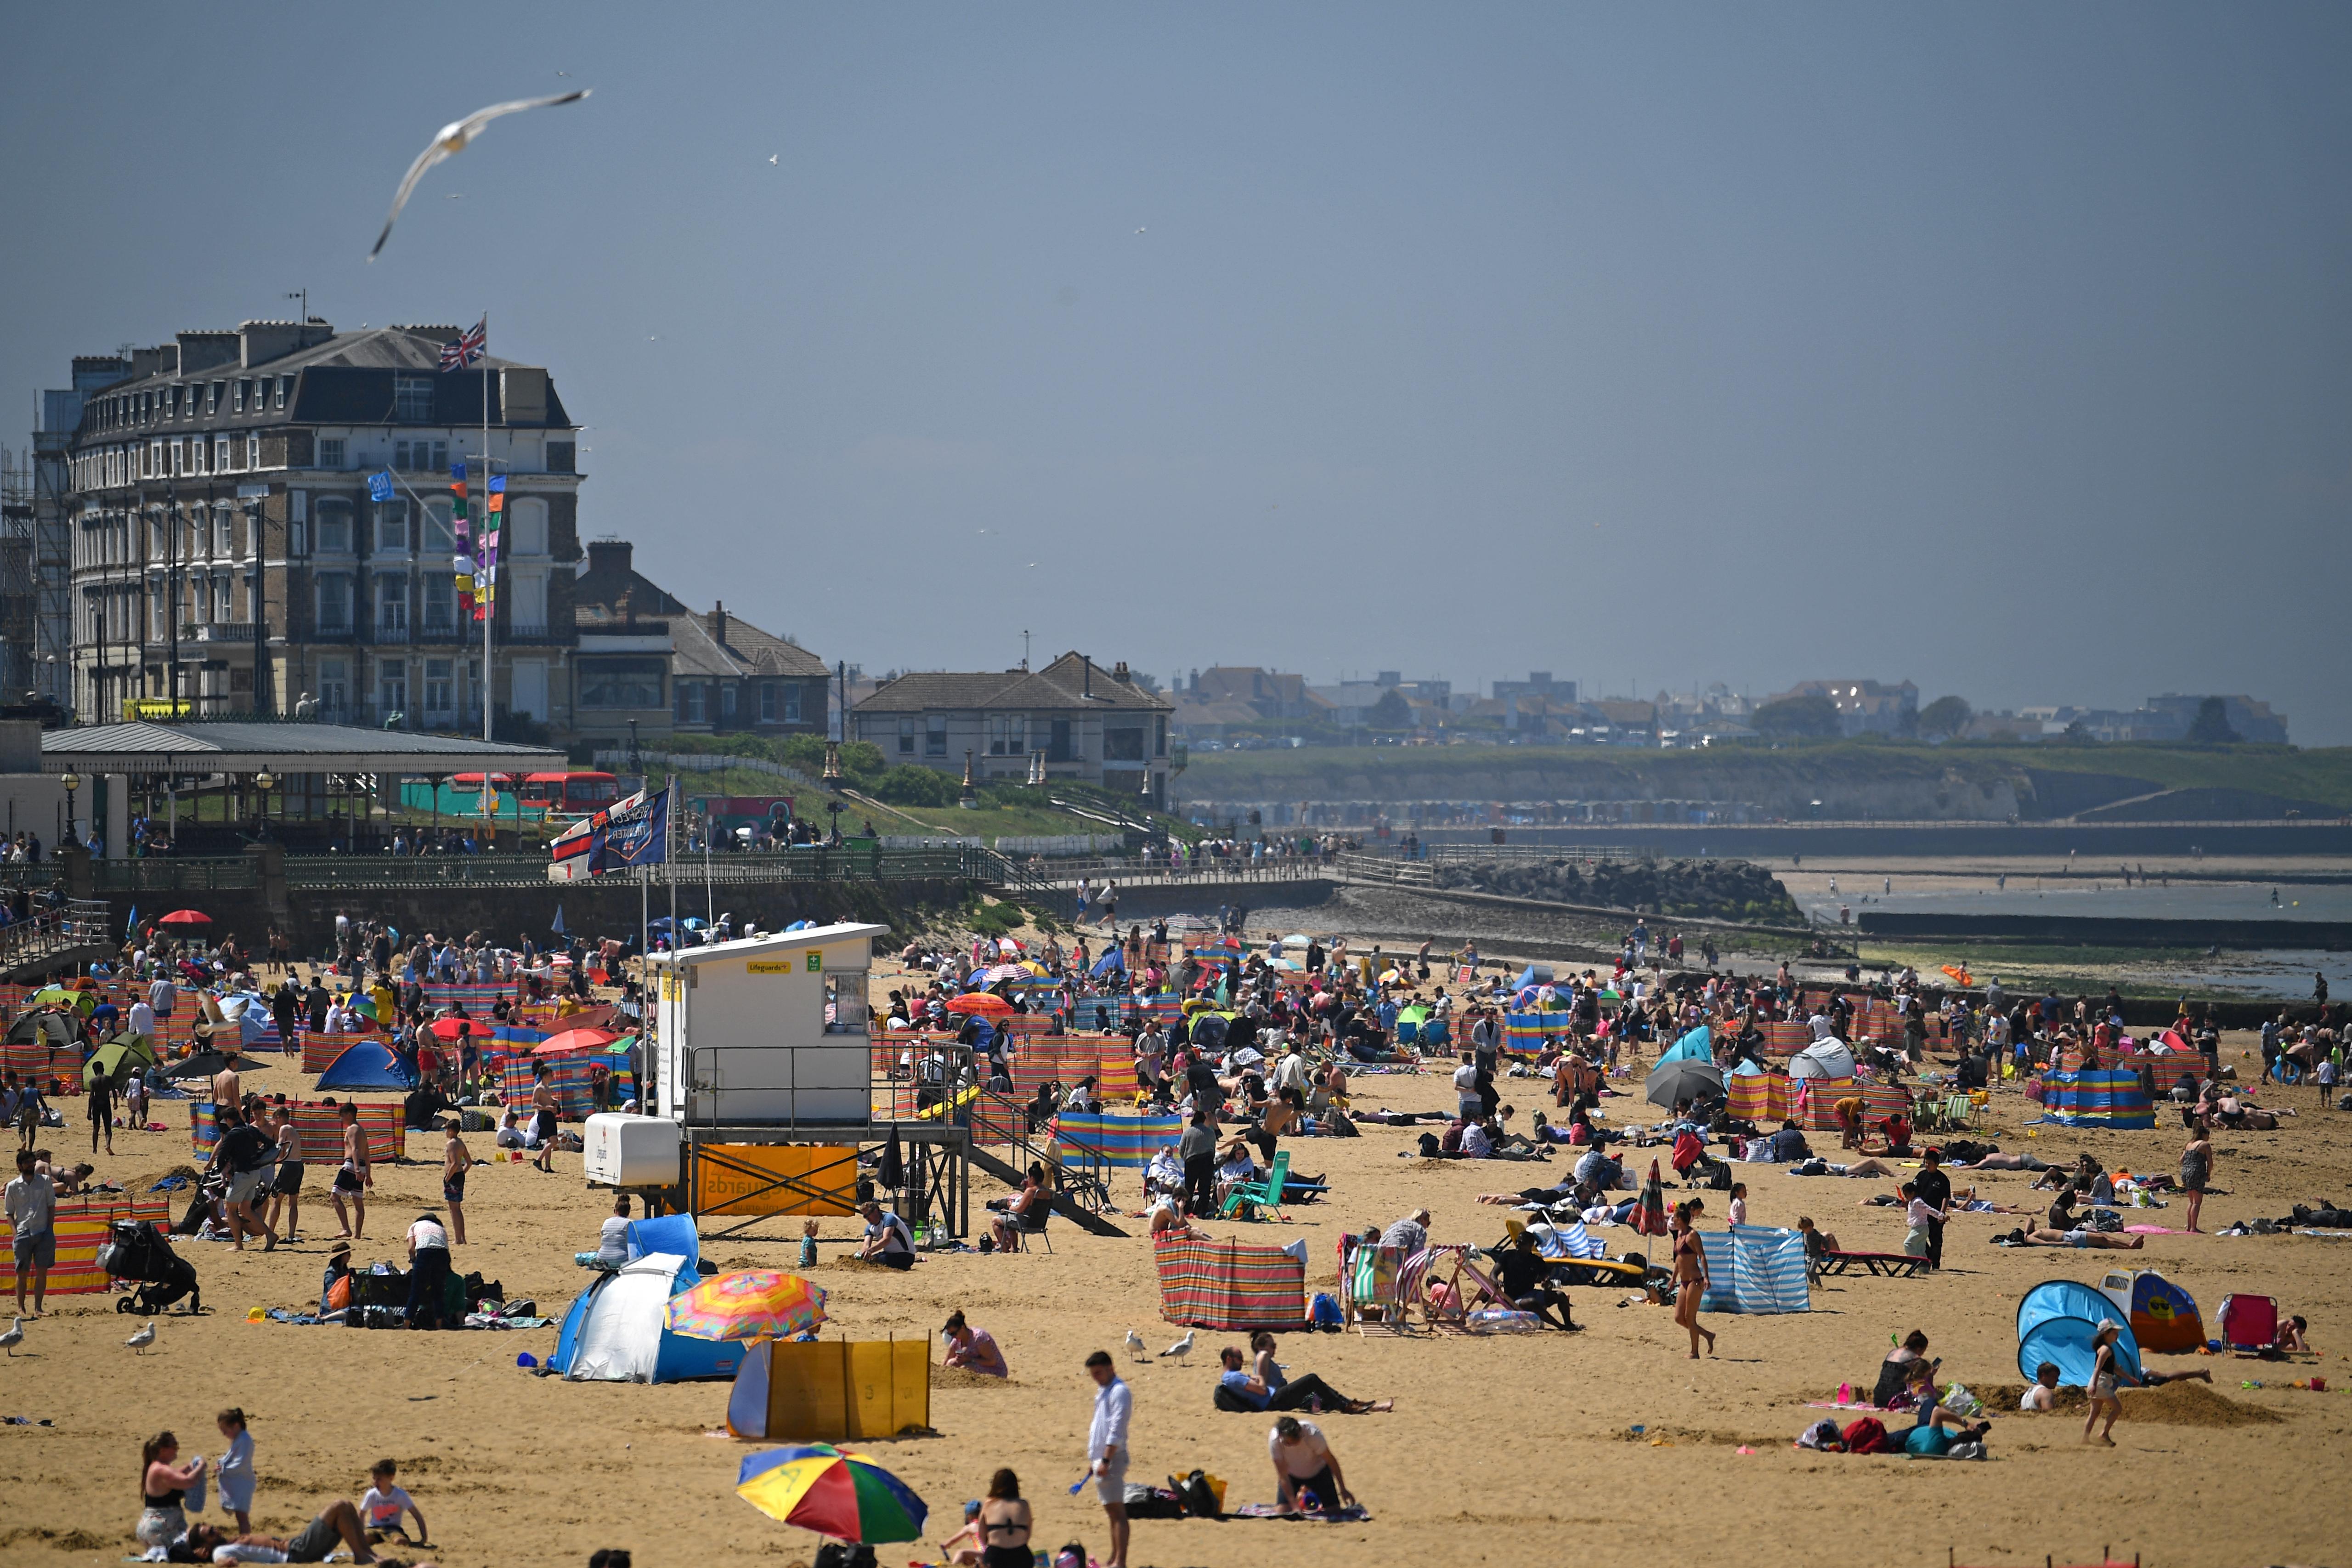 (Com condições favoráveis, os britânicos foram à praia da costa de Margate, a leste de Londres, Foto: Ben STANSALL / AFP)